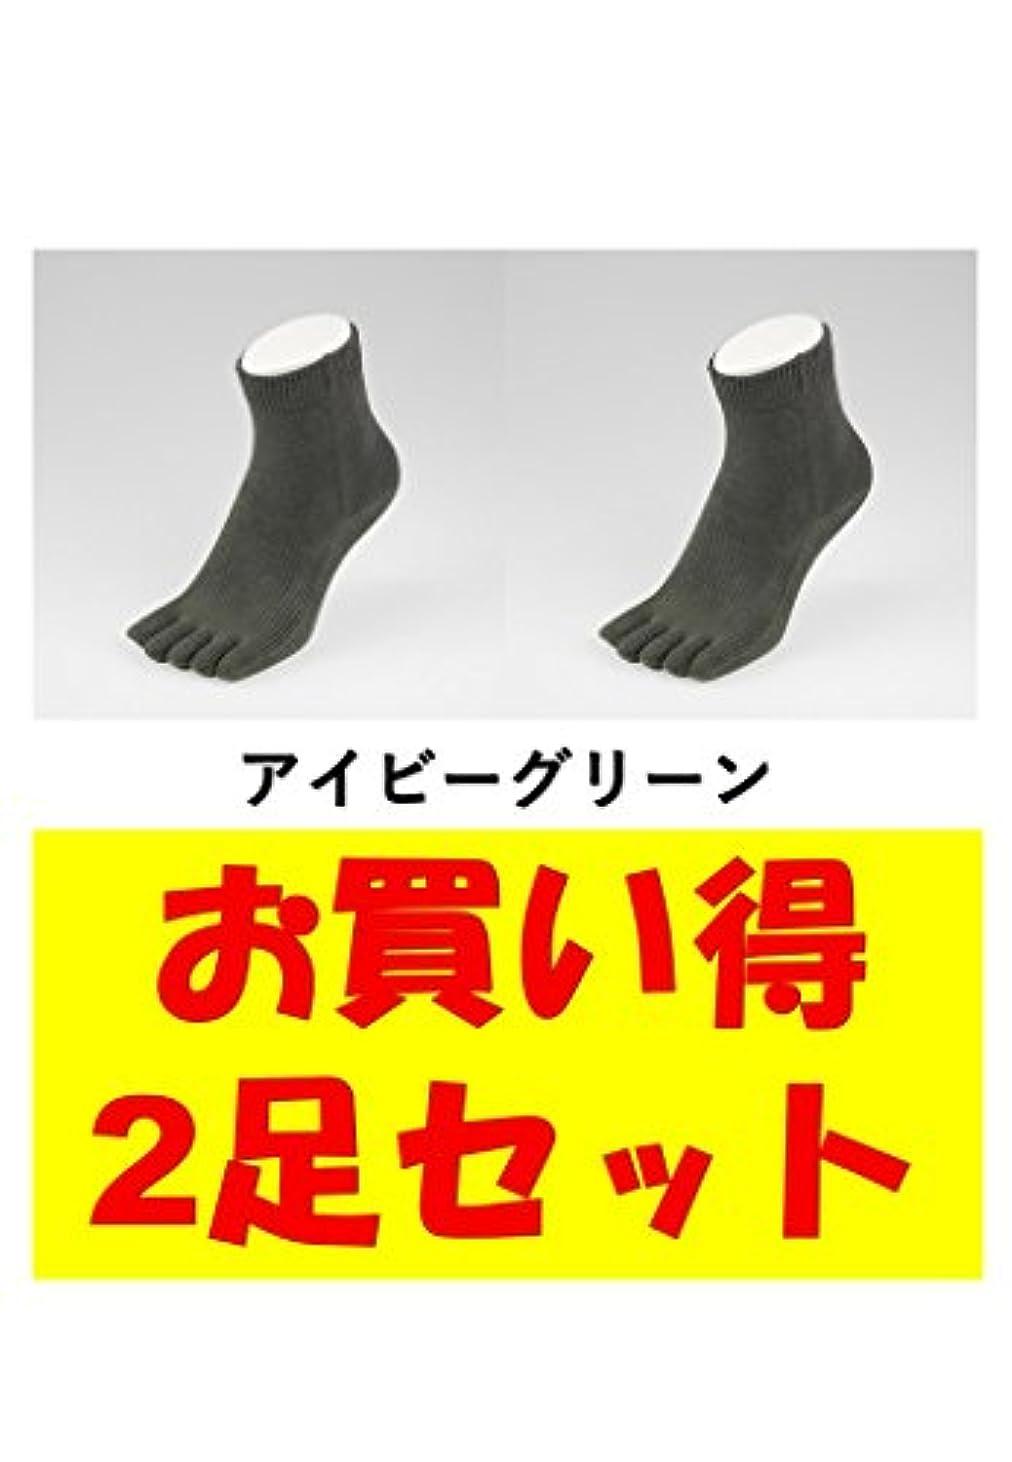 アーサー名門責任お買い得2足セット 5本指 ゆびのばソックス Neo EVE(イヴ) アイビーグリーン Sサイズ(21.0cm - 24.0cm) YSNEVE-IGR